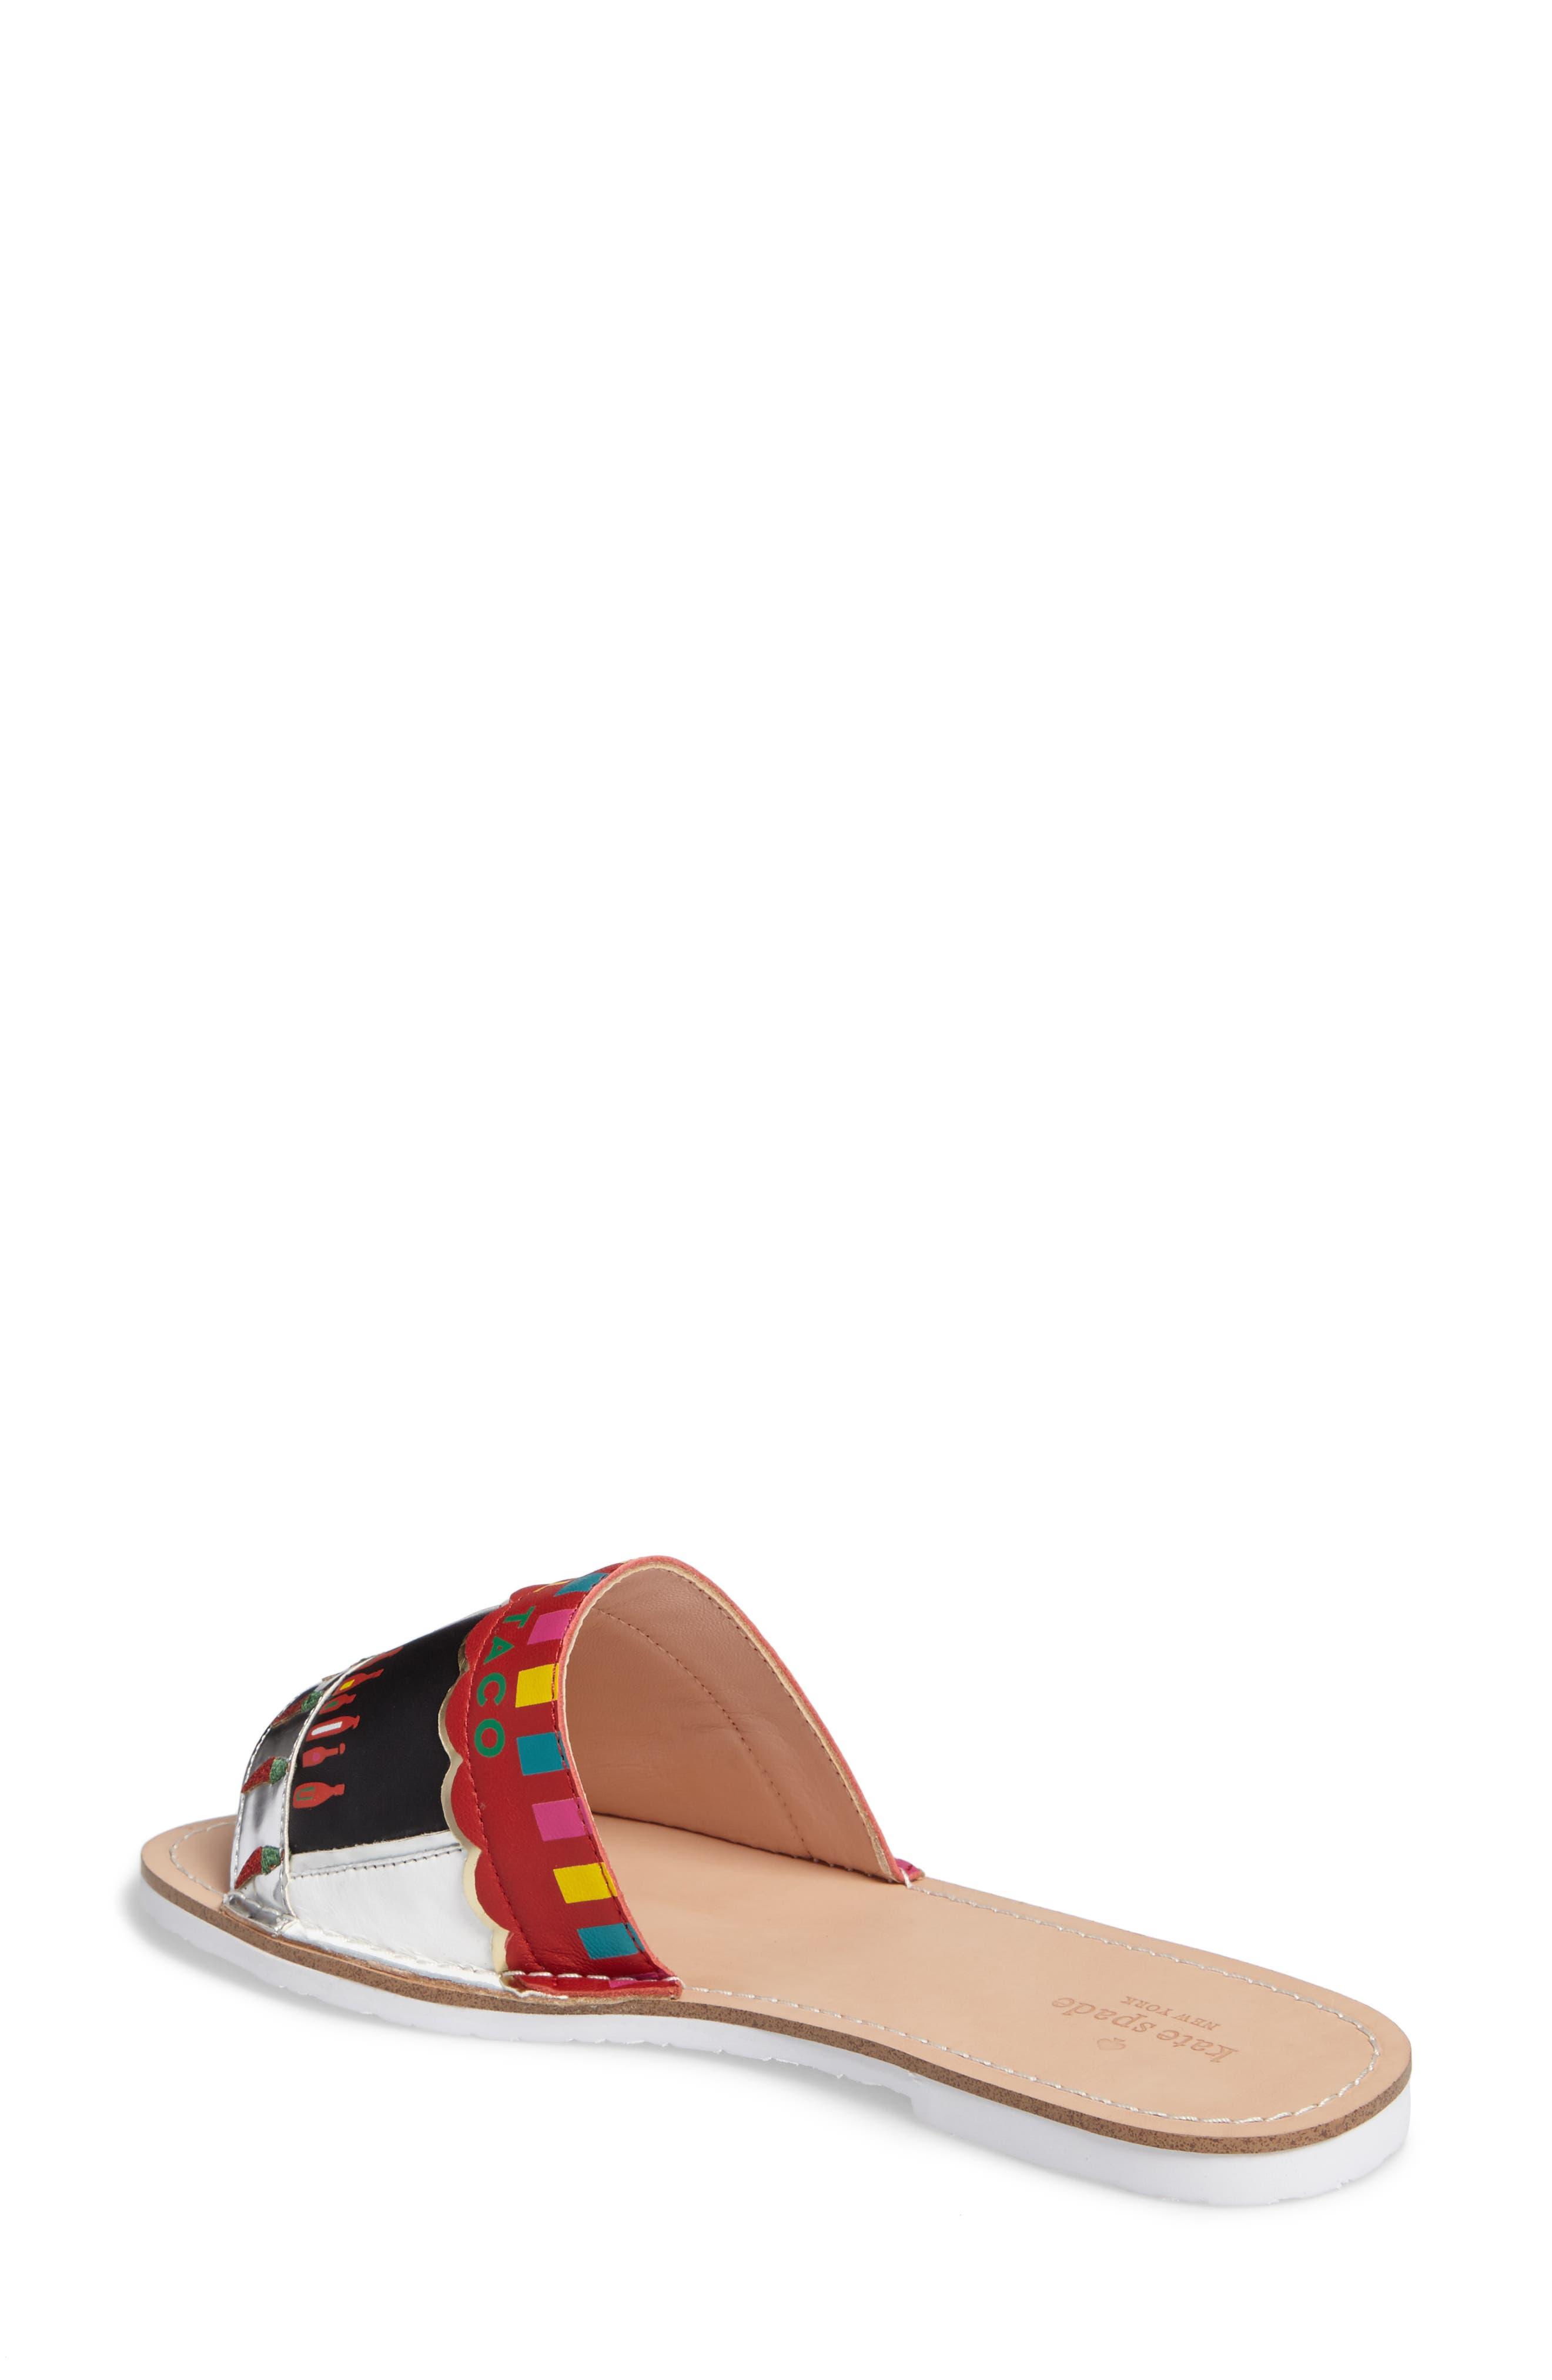 Alternate Image 2  - kate spade new york illi slide sandal (Women)